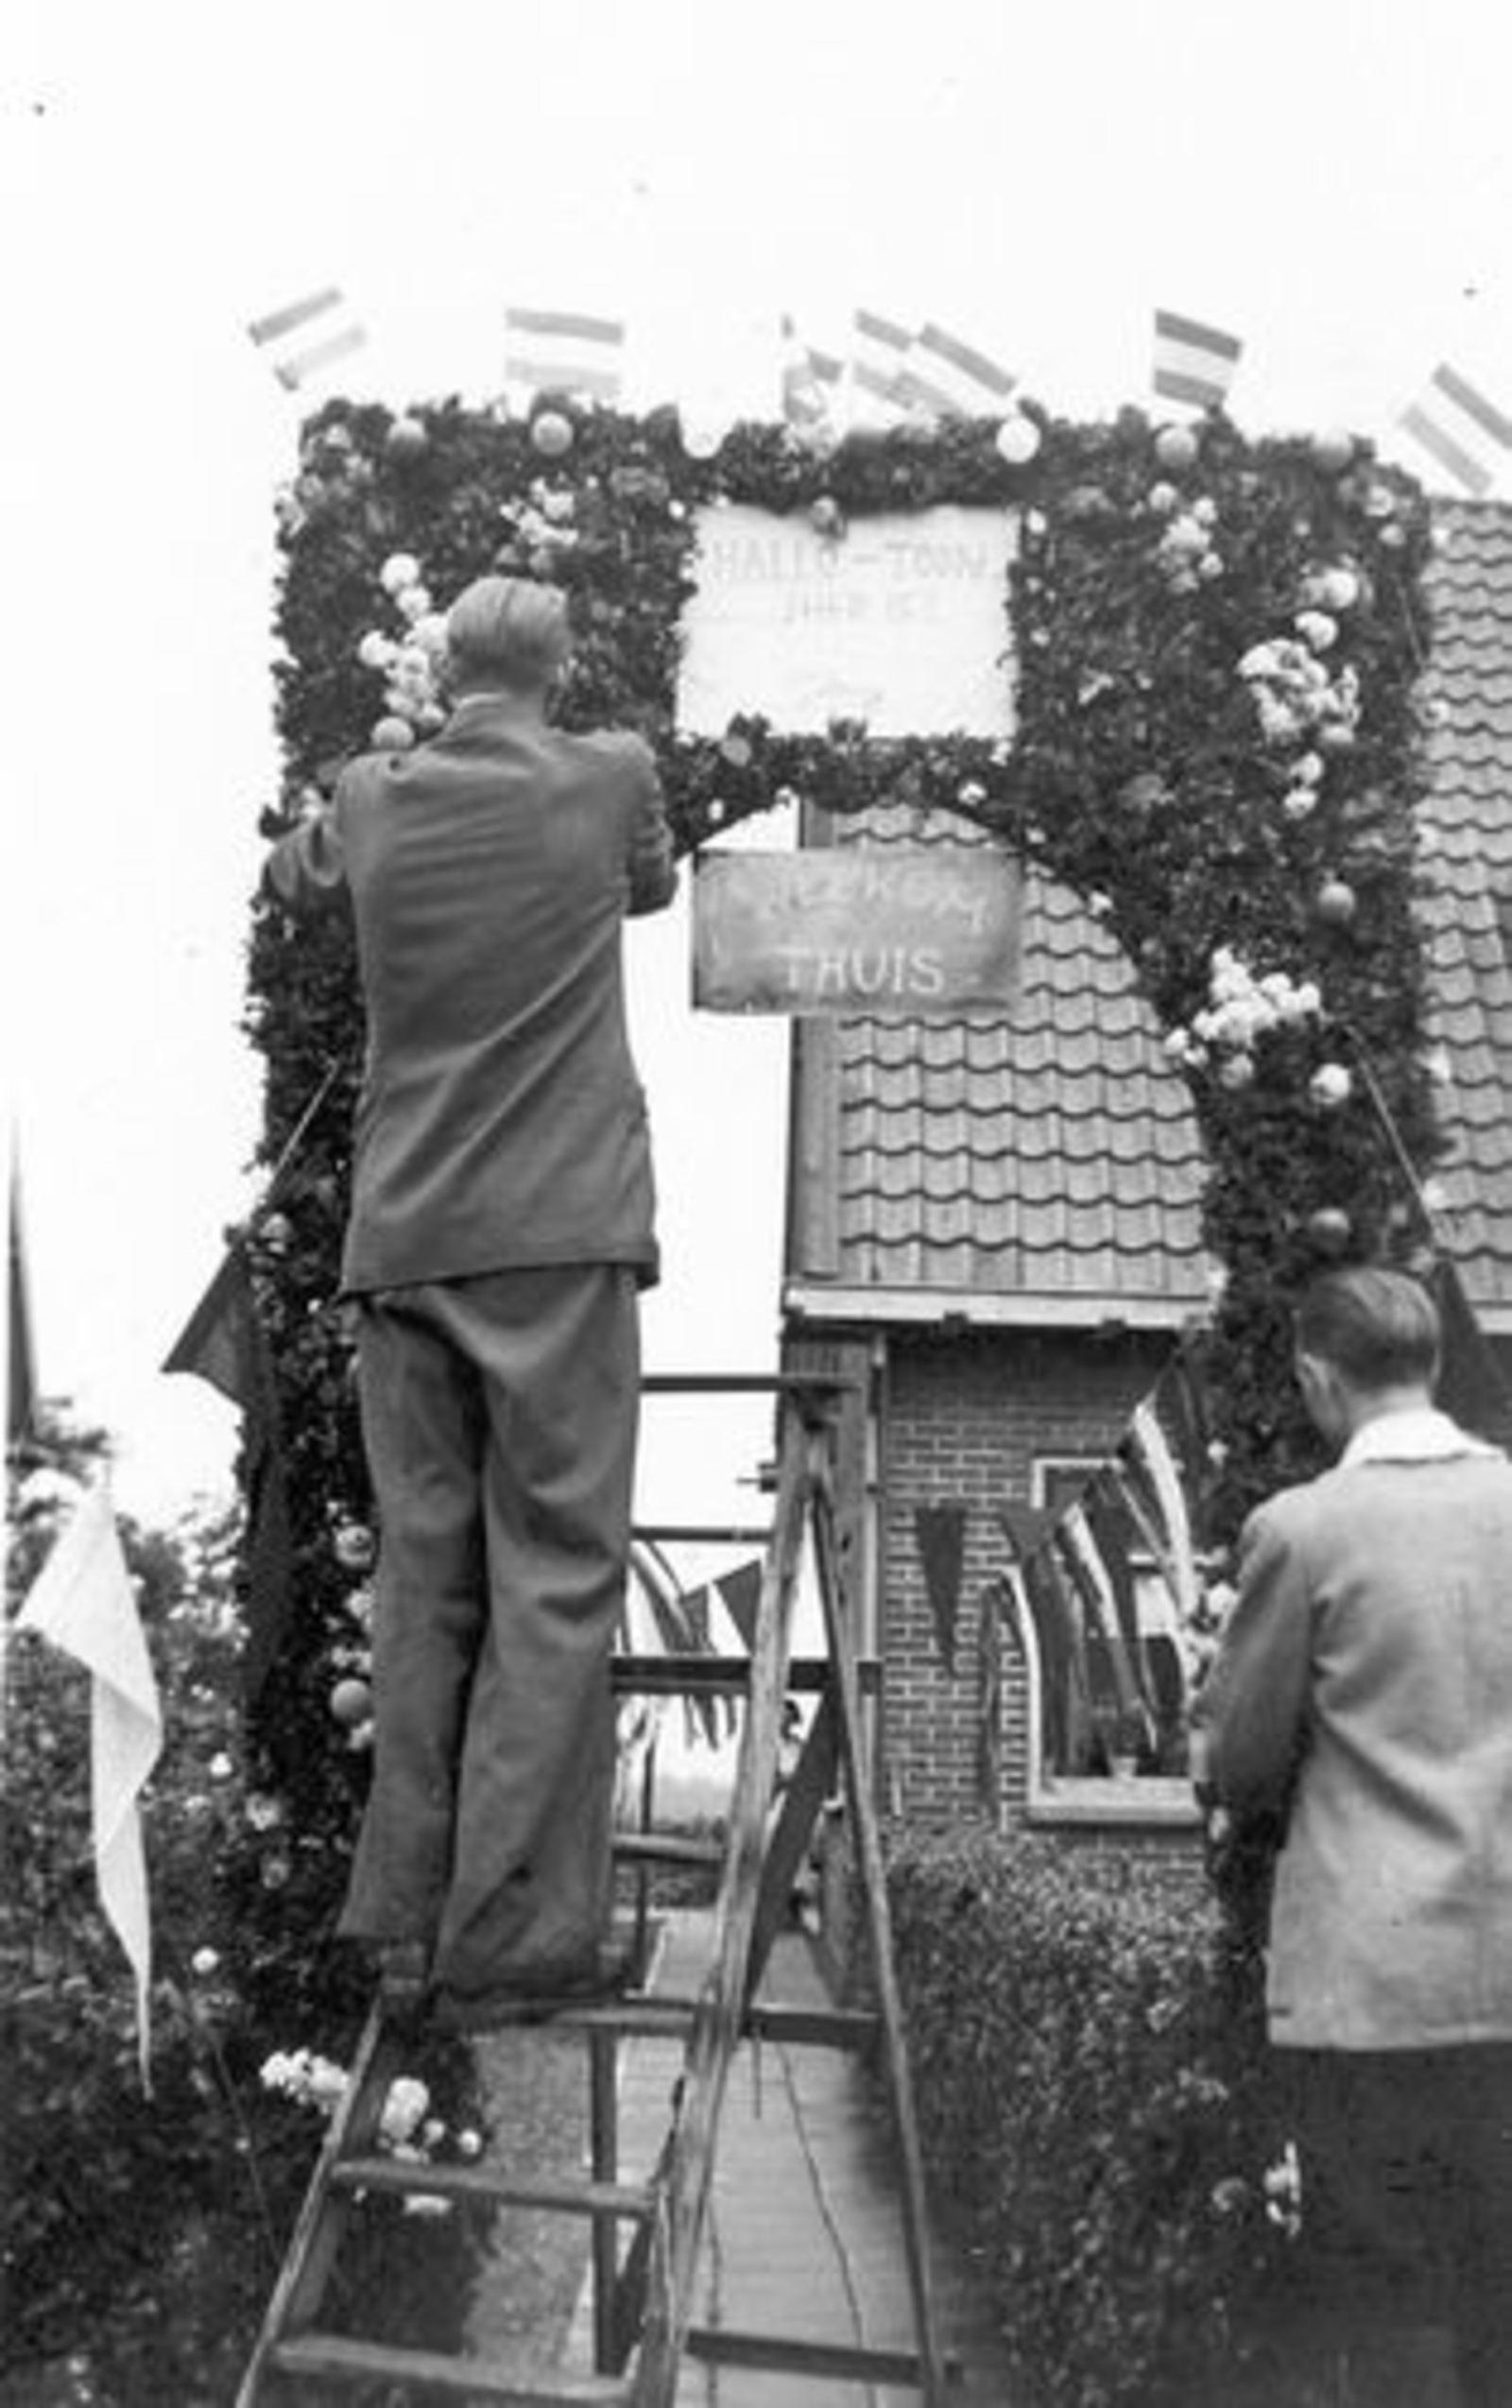 Vijfhuizerweg N 0197 1950± Anton vd Steeg Soldaat 01